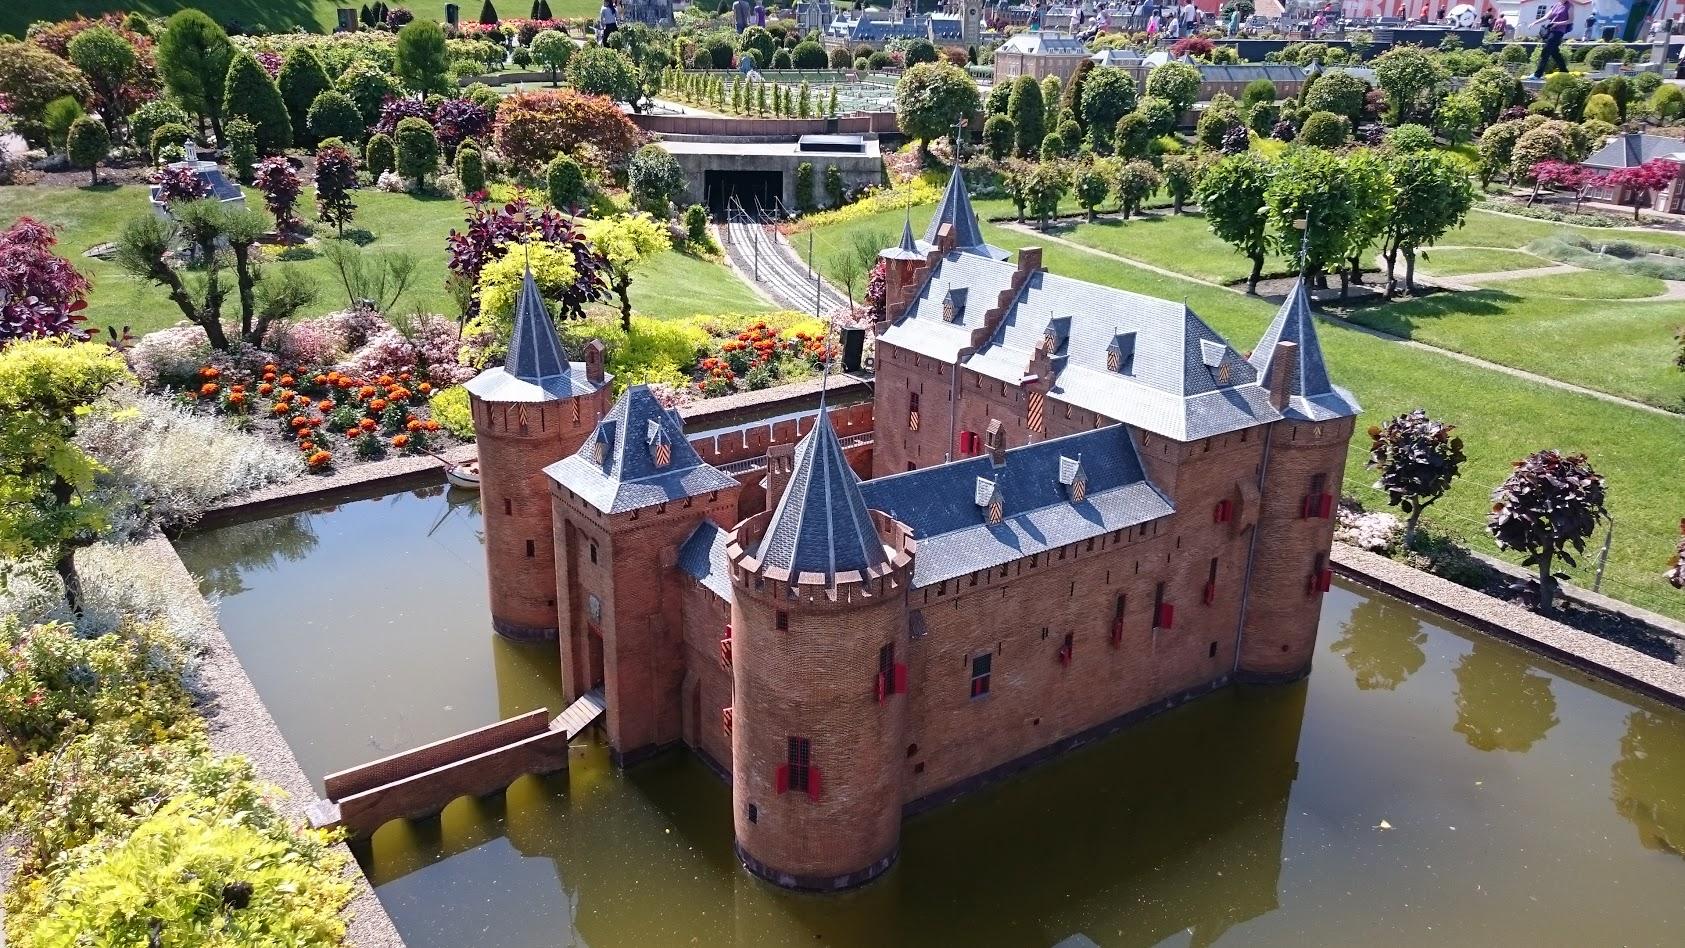 Muiden: Muiderslot Castle